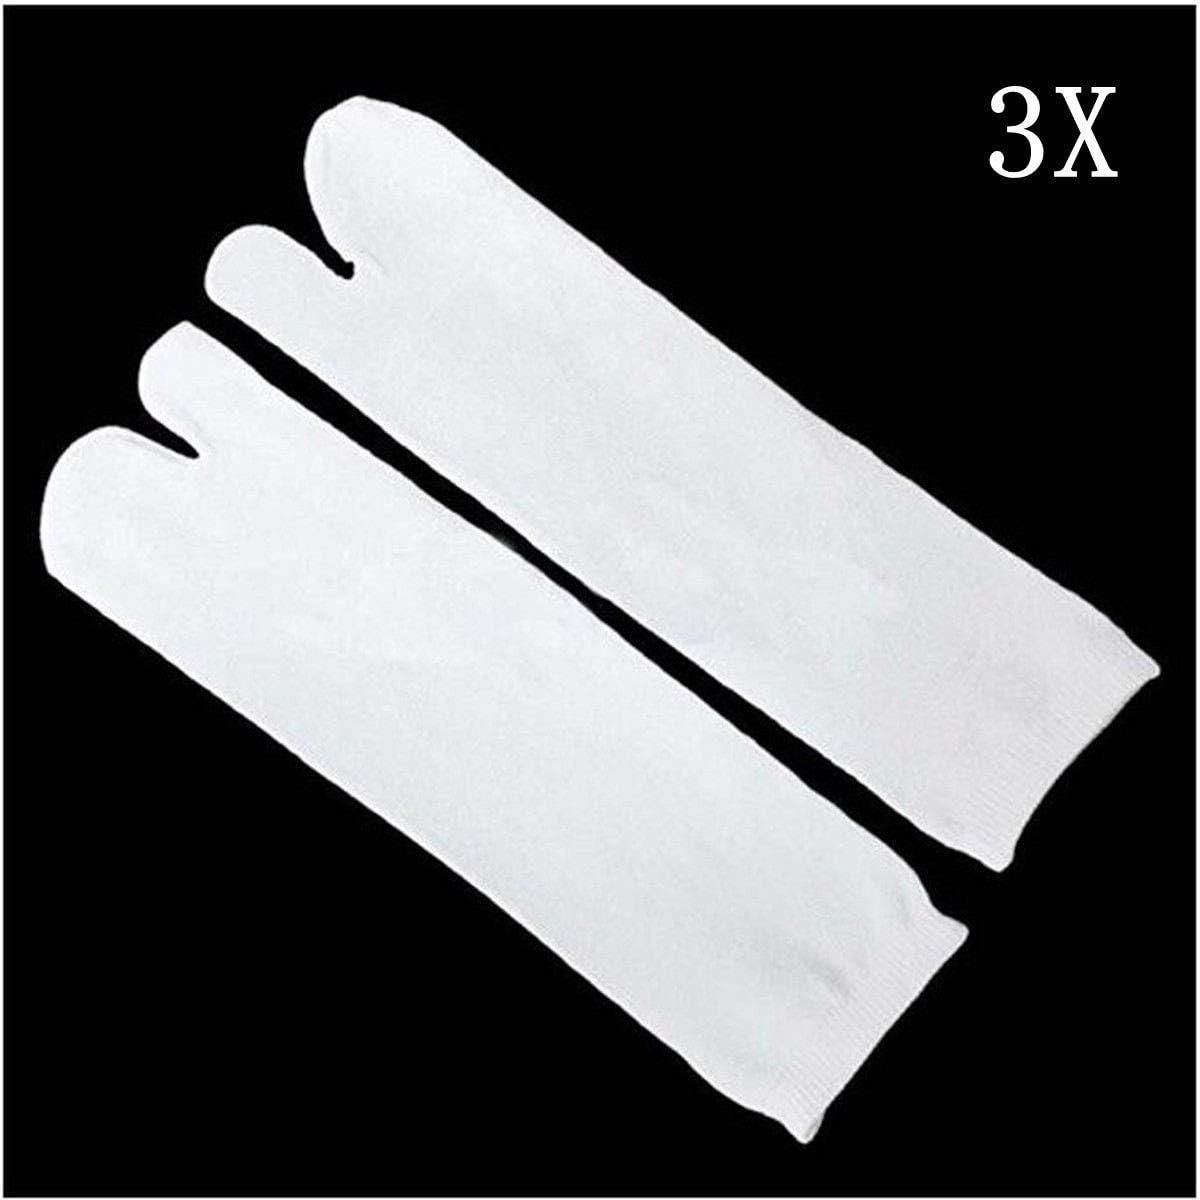 3x Unisex japanischen Kimono Flip Flop Sandale Split Toe Tabi Ninja Geta Socken